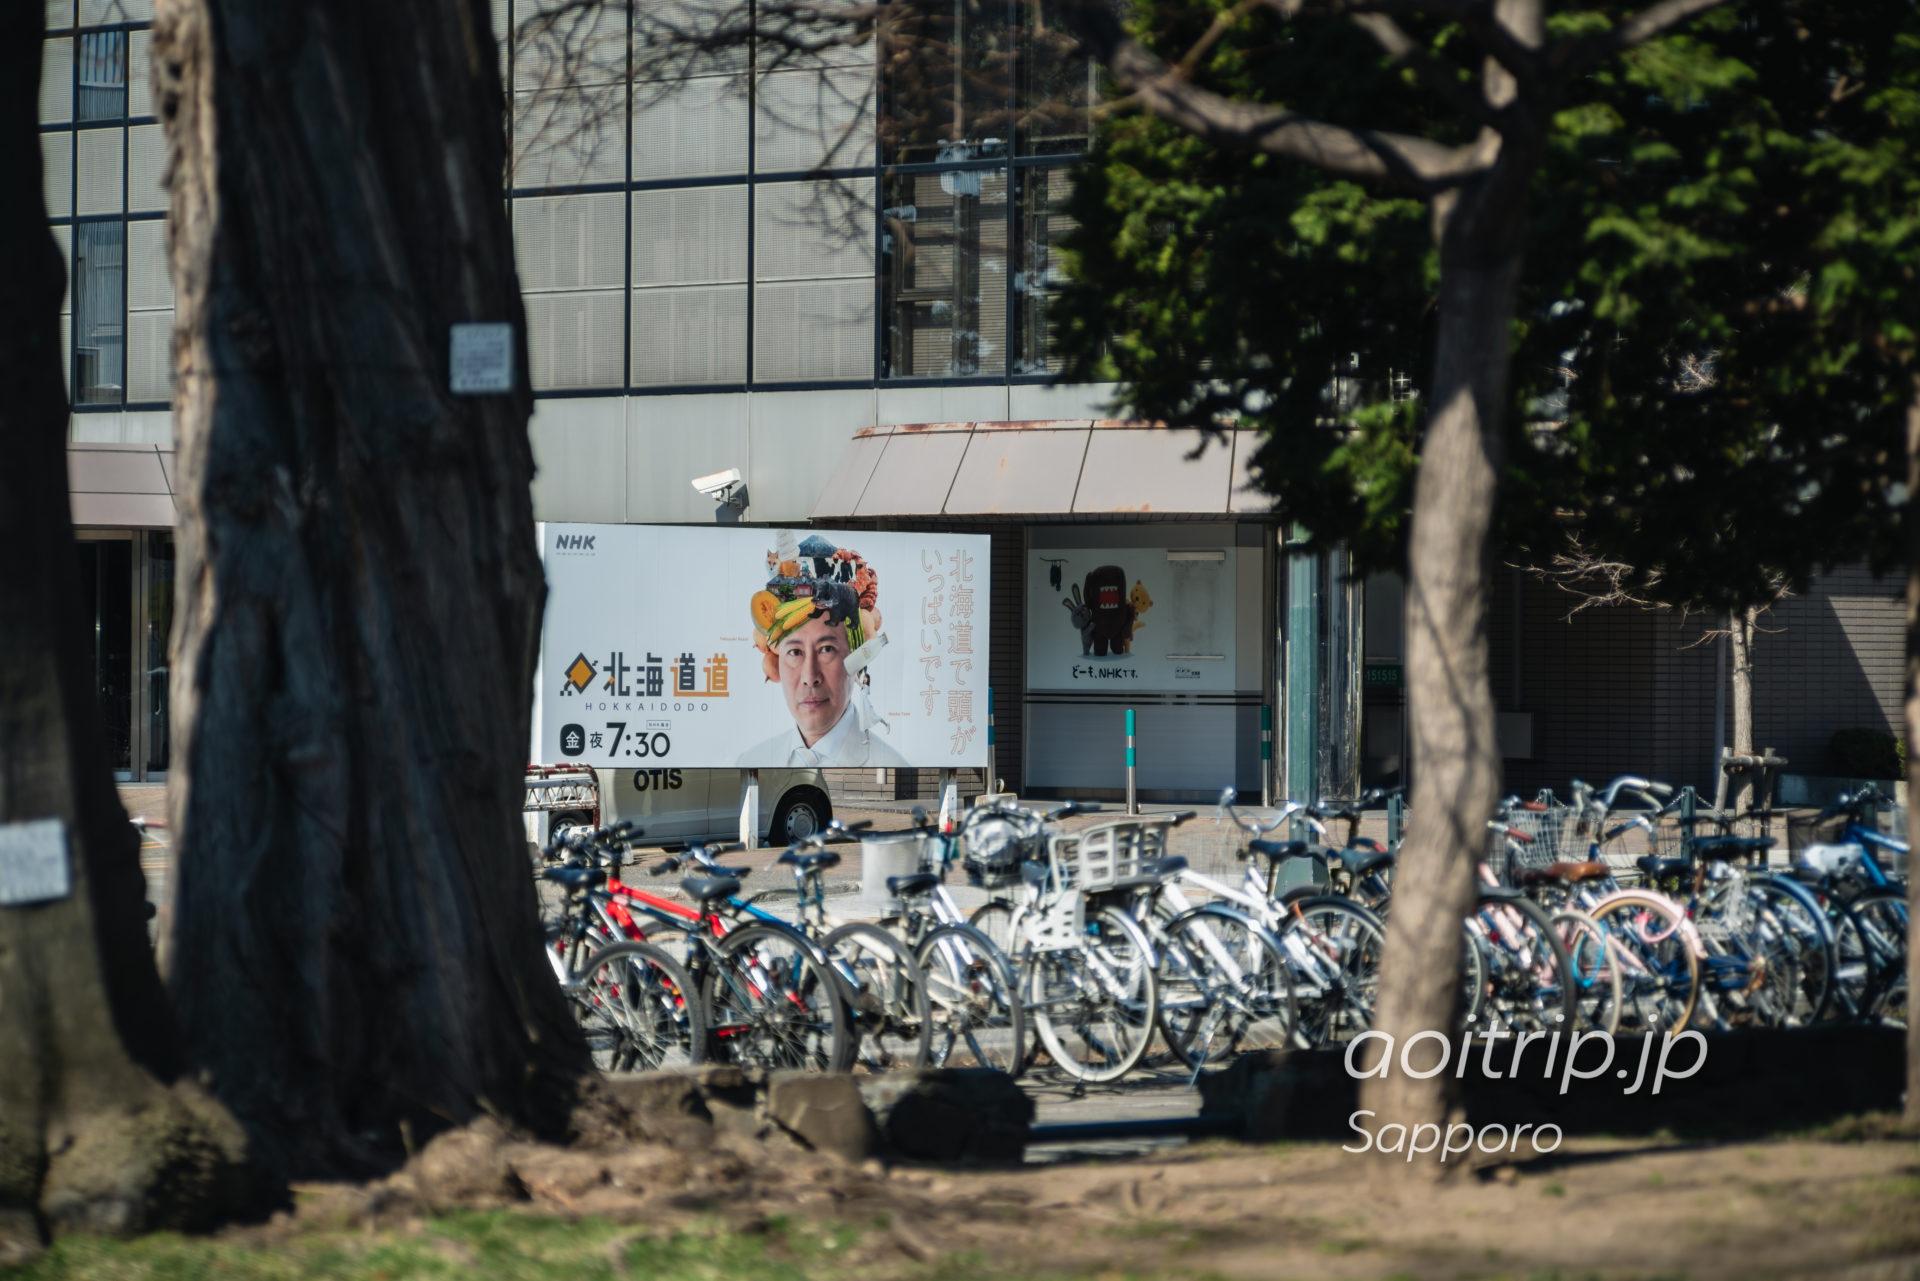 日本光学 Nikon Nikkor-Q・C 135mm F3.5の作例